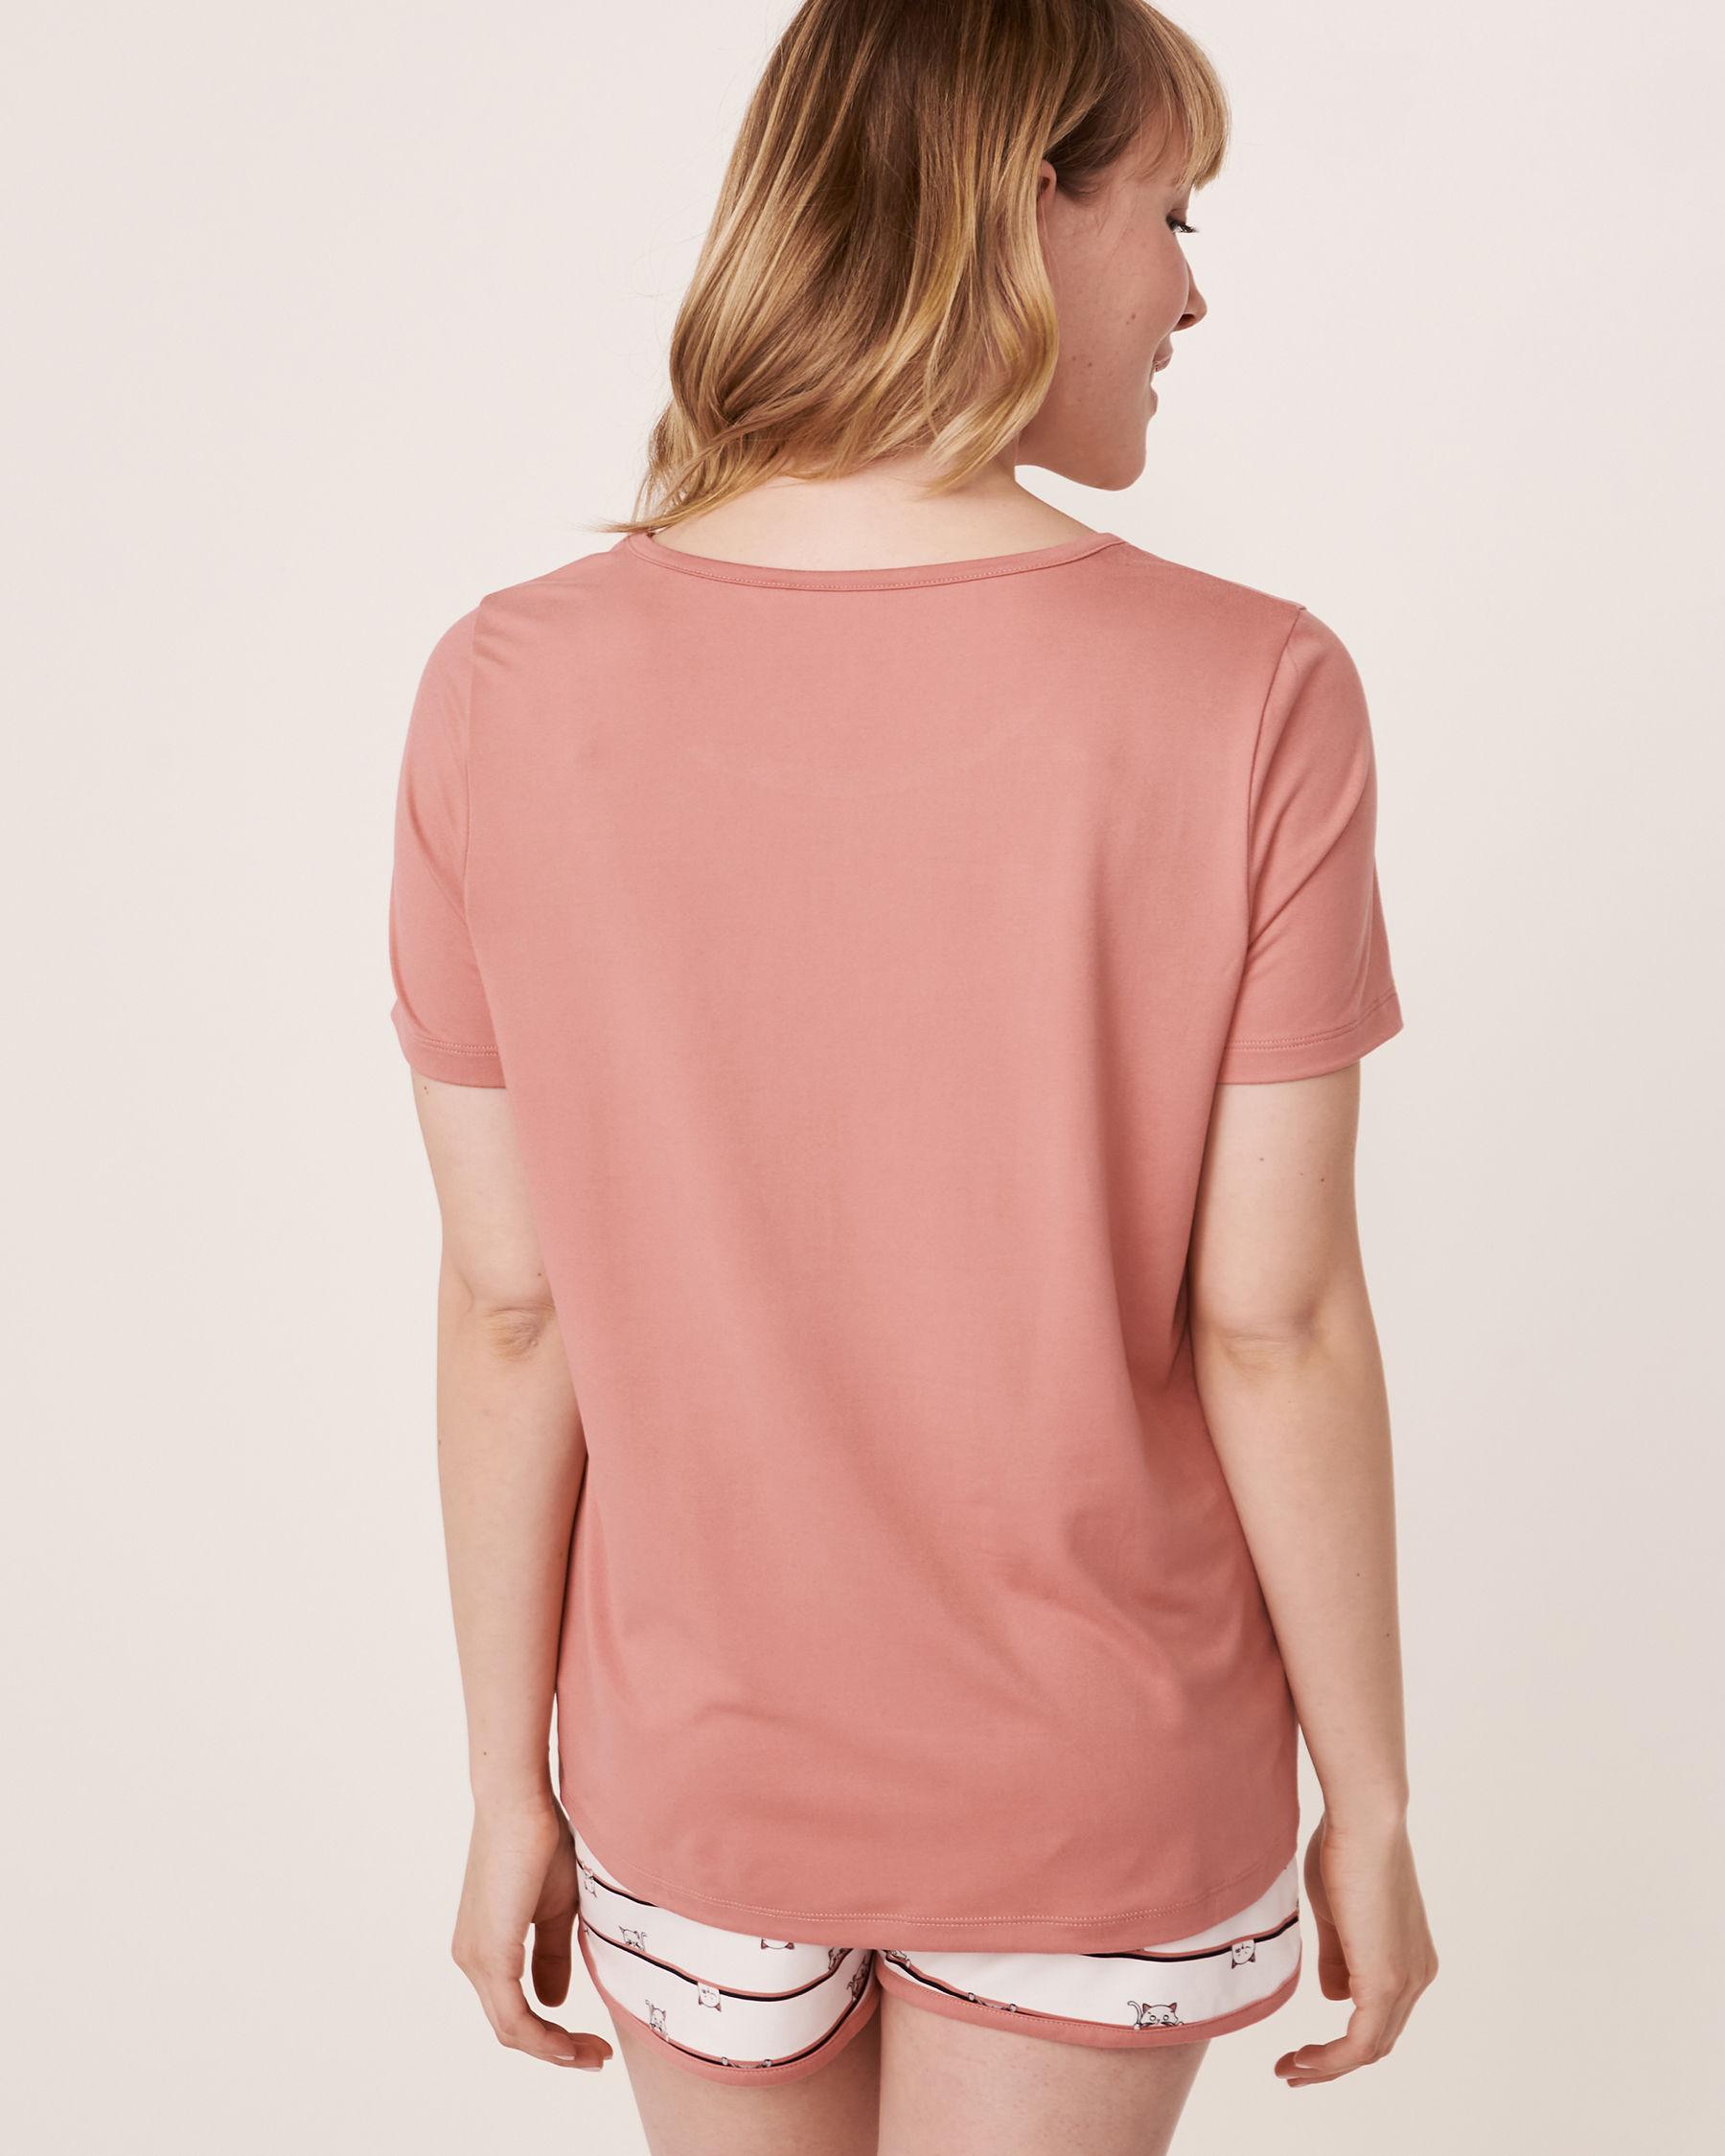 LA VIE EN ROSE Scoop Neck T-shirt Dusty rose 40100088 - View2